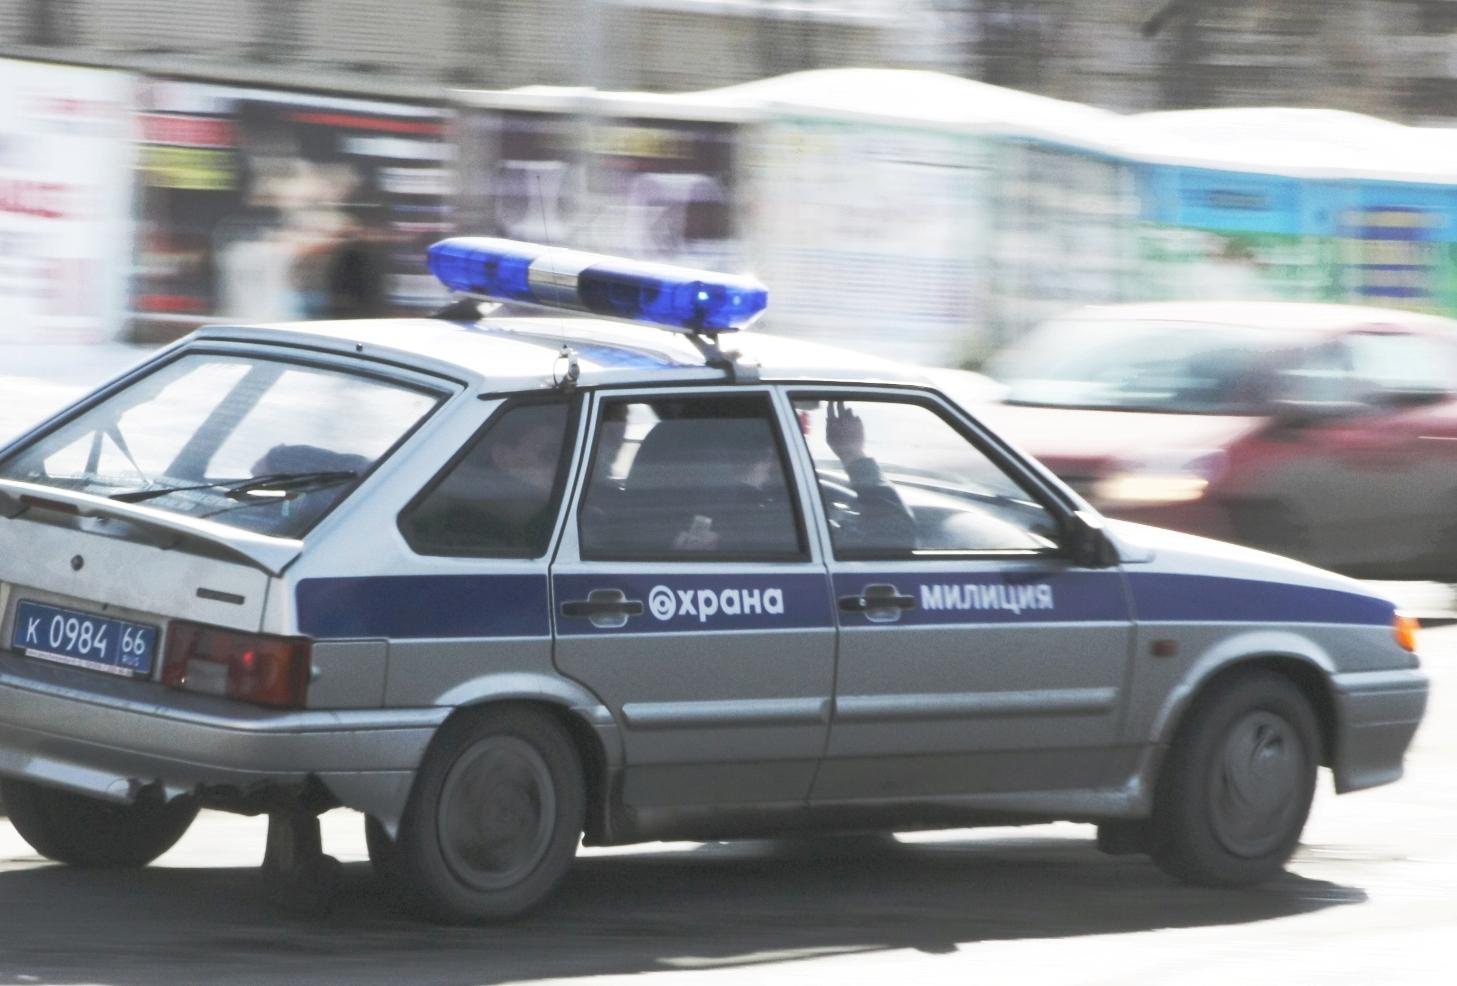 МВД: в центре Екатеринбурга никакую девушку никто не похищал